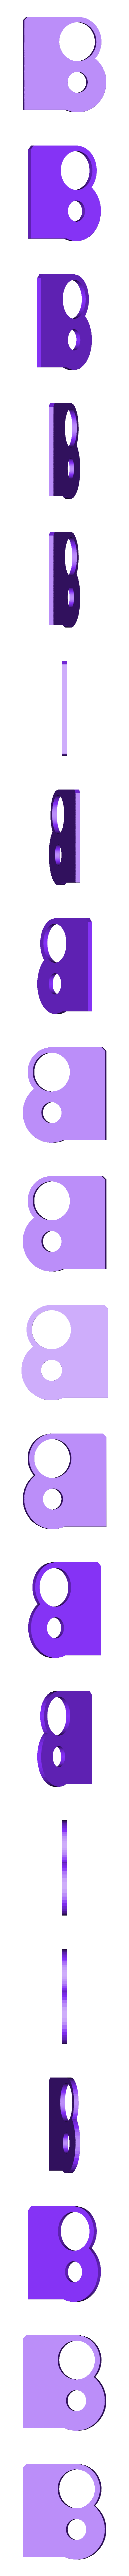 idler_top.stl Télécharger fichier STL gratuit Prusa i3r Axe X • Objet à imprimer en 3D, indigo4